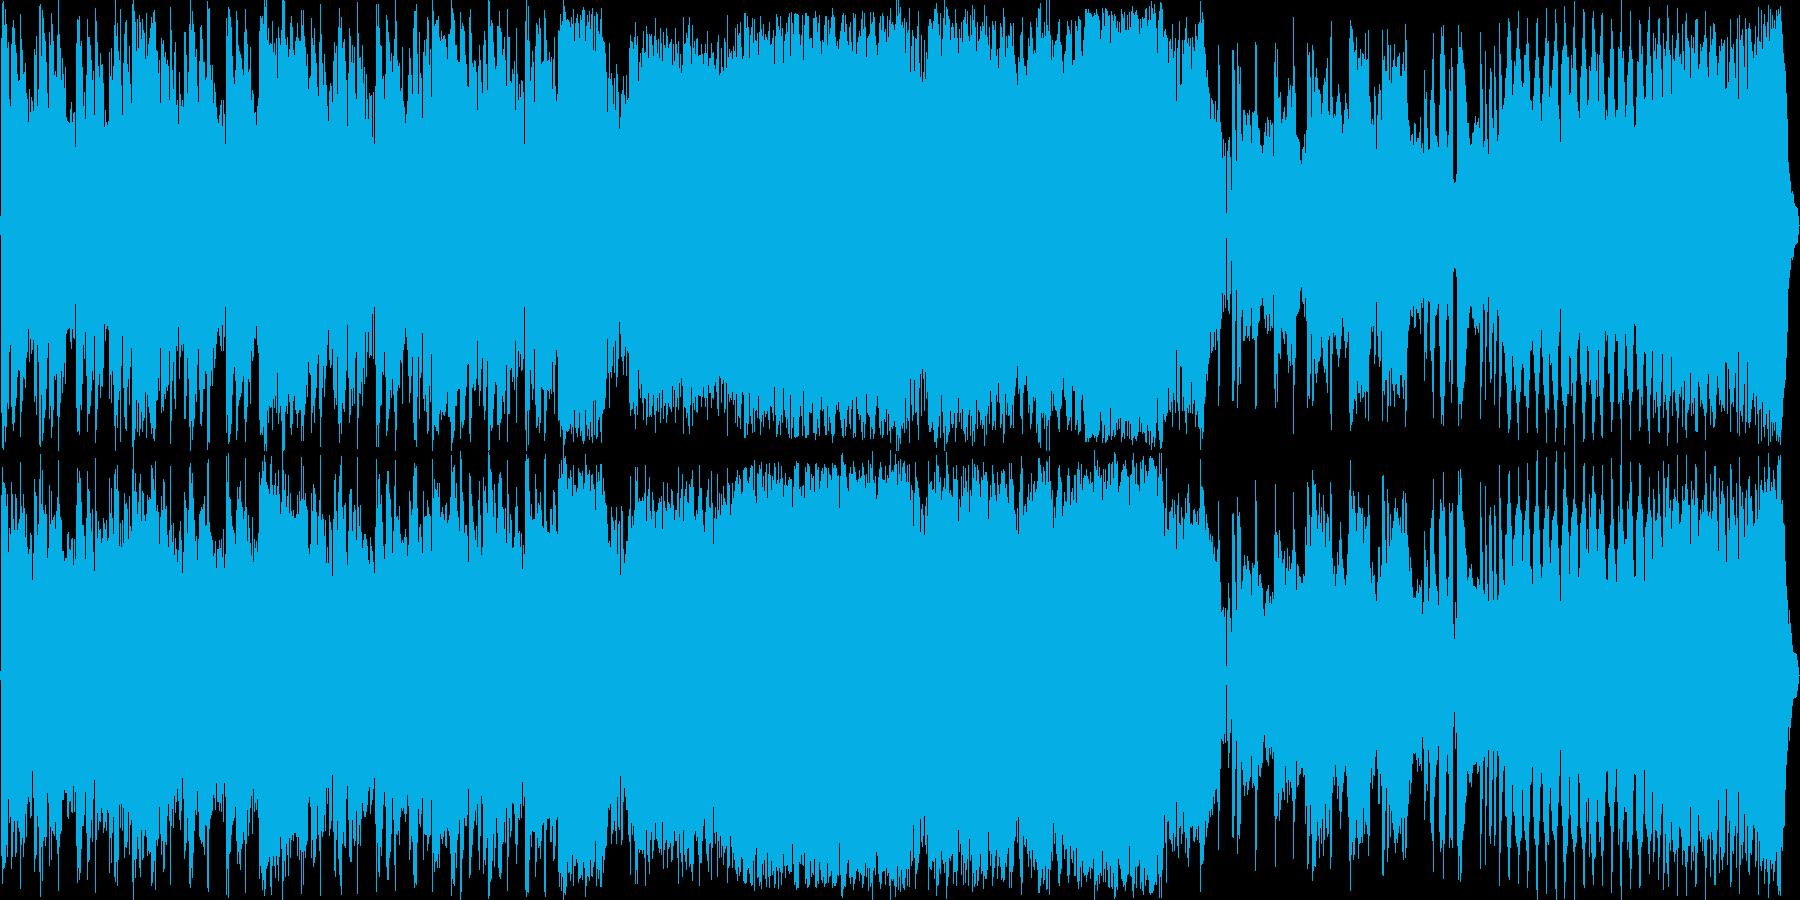 重厚でパワフルな戦闘用BGMの再生済みの波形